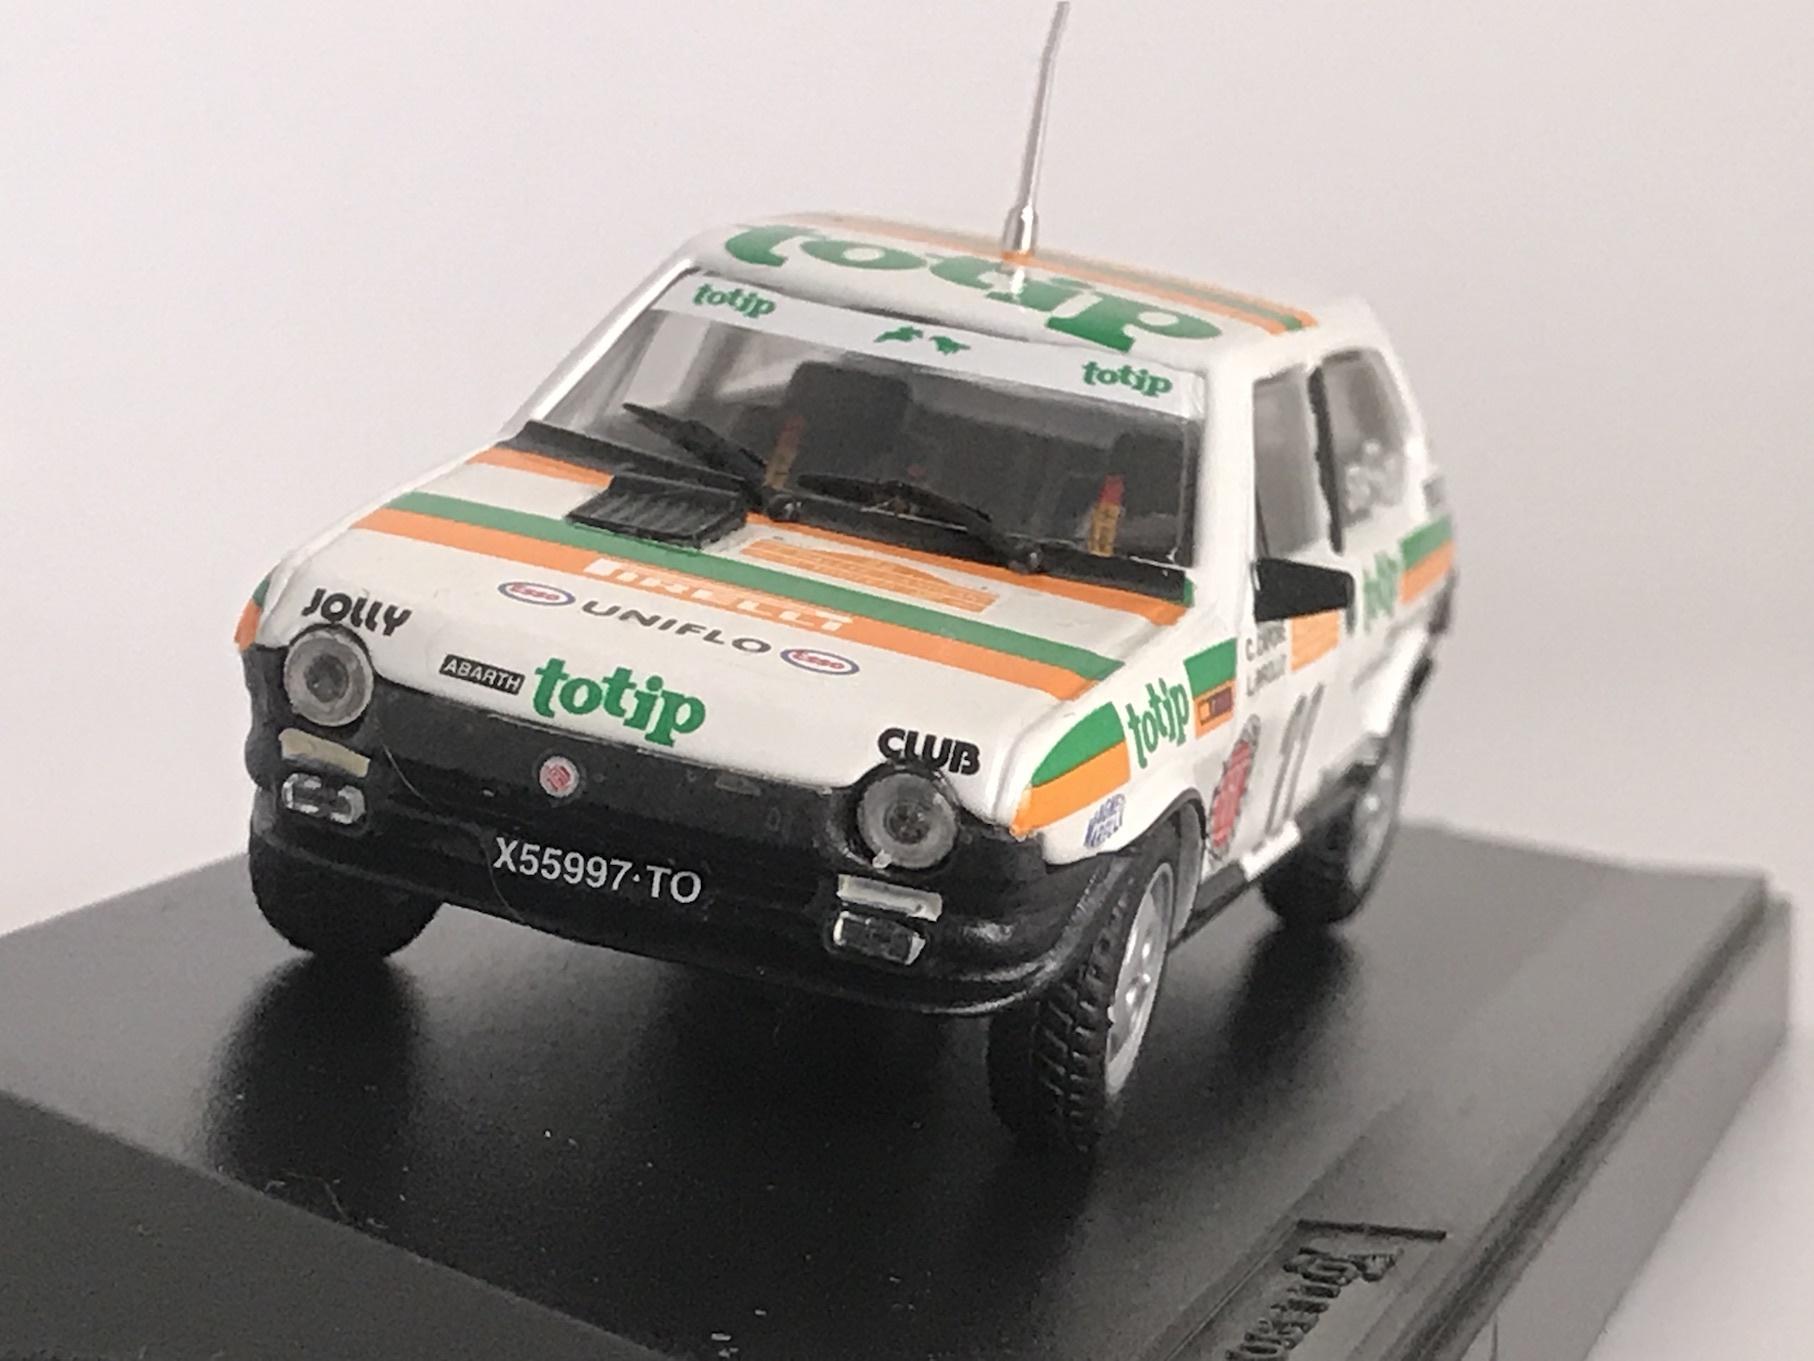 FIAT RITOMO ABARTH 125 TC RALLY SANREMO 1982 【1/43】【PROGETTOK、MADE IN ITALY】